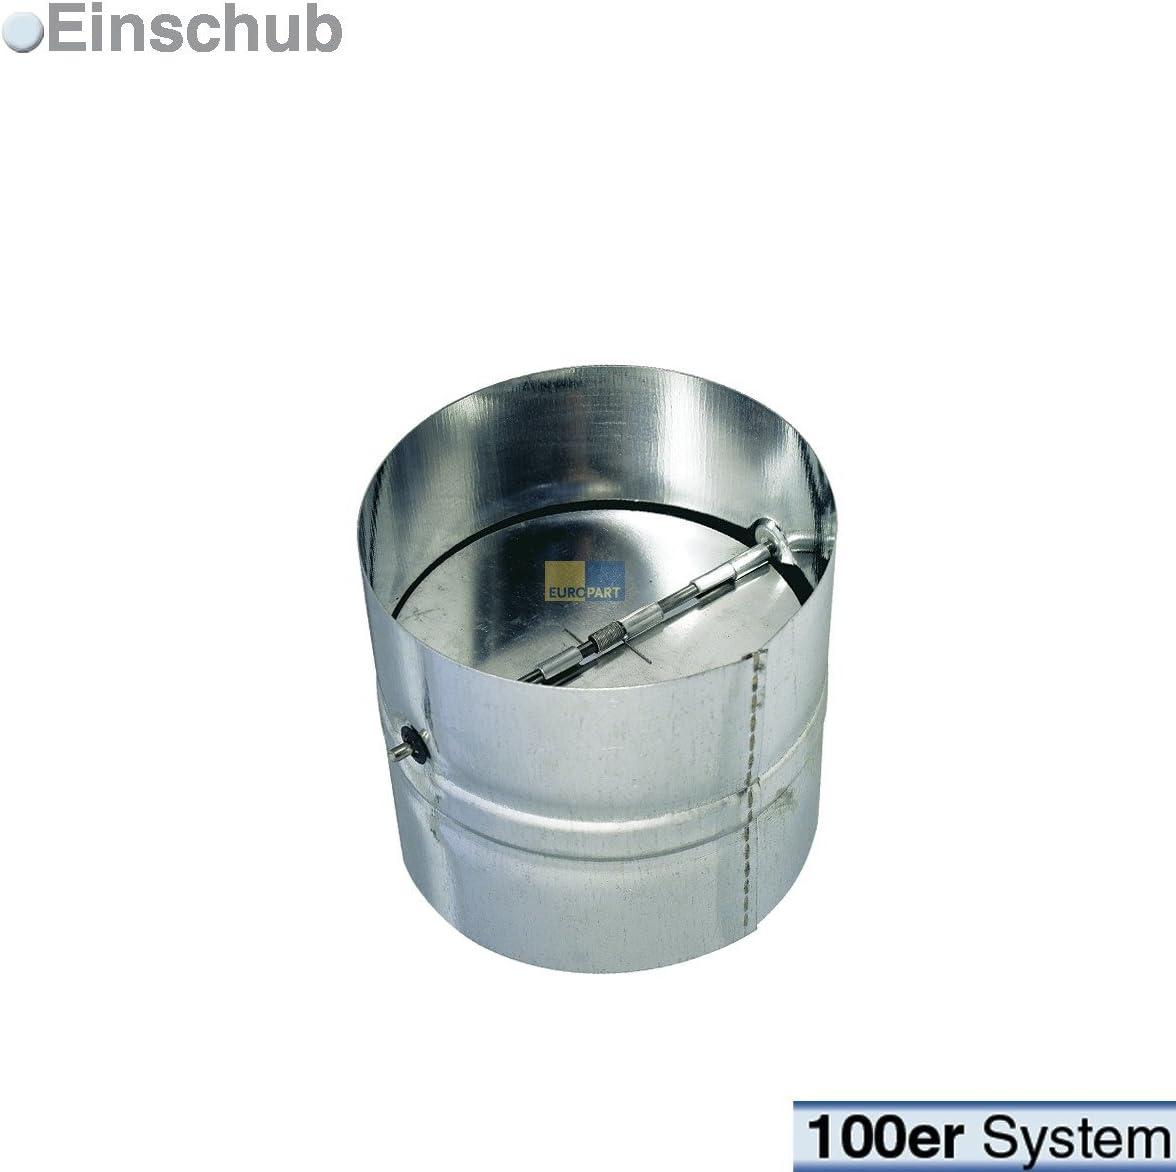 daniplus – Válvula antirretorno redondo Sistema 100 galvanizado: Amazon.es: Grandes electrodomésticos